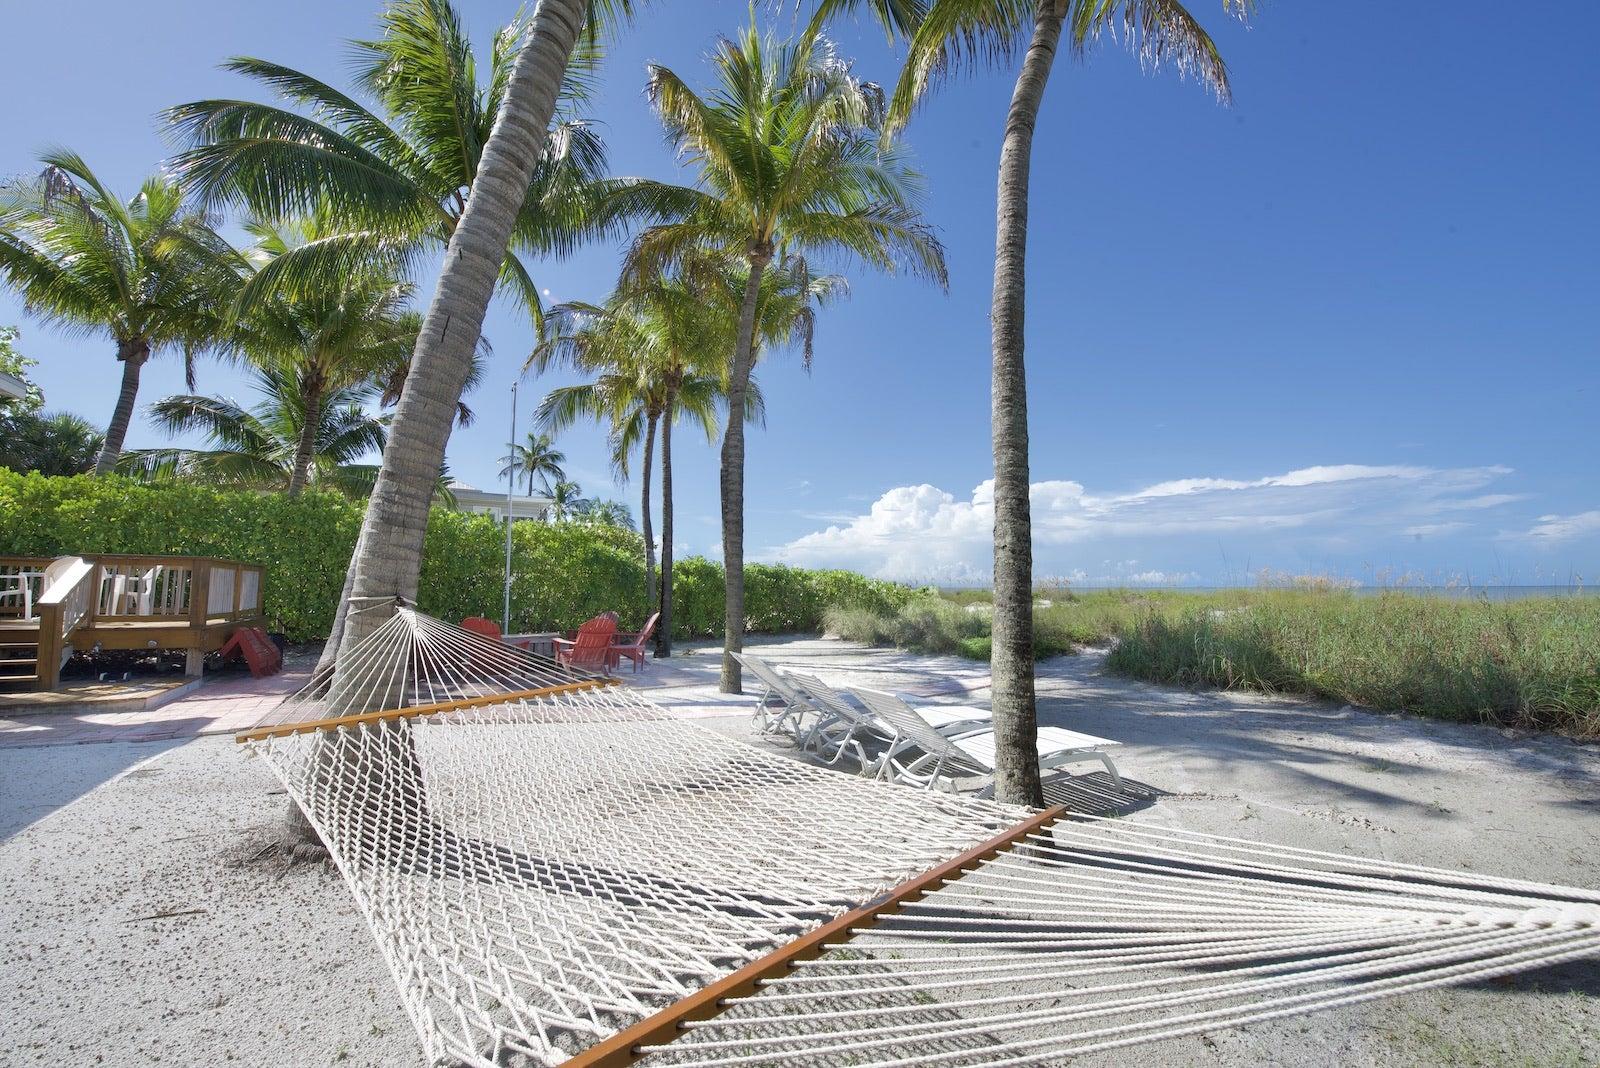 Thumbnail image of Aloha Beachhouse